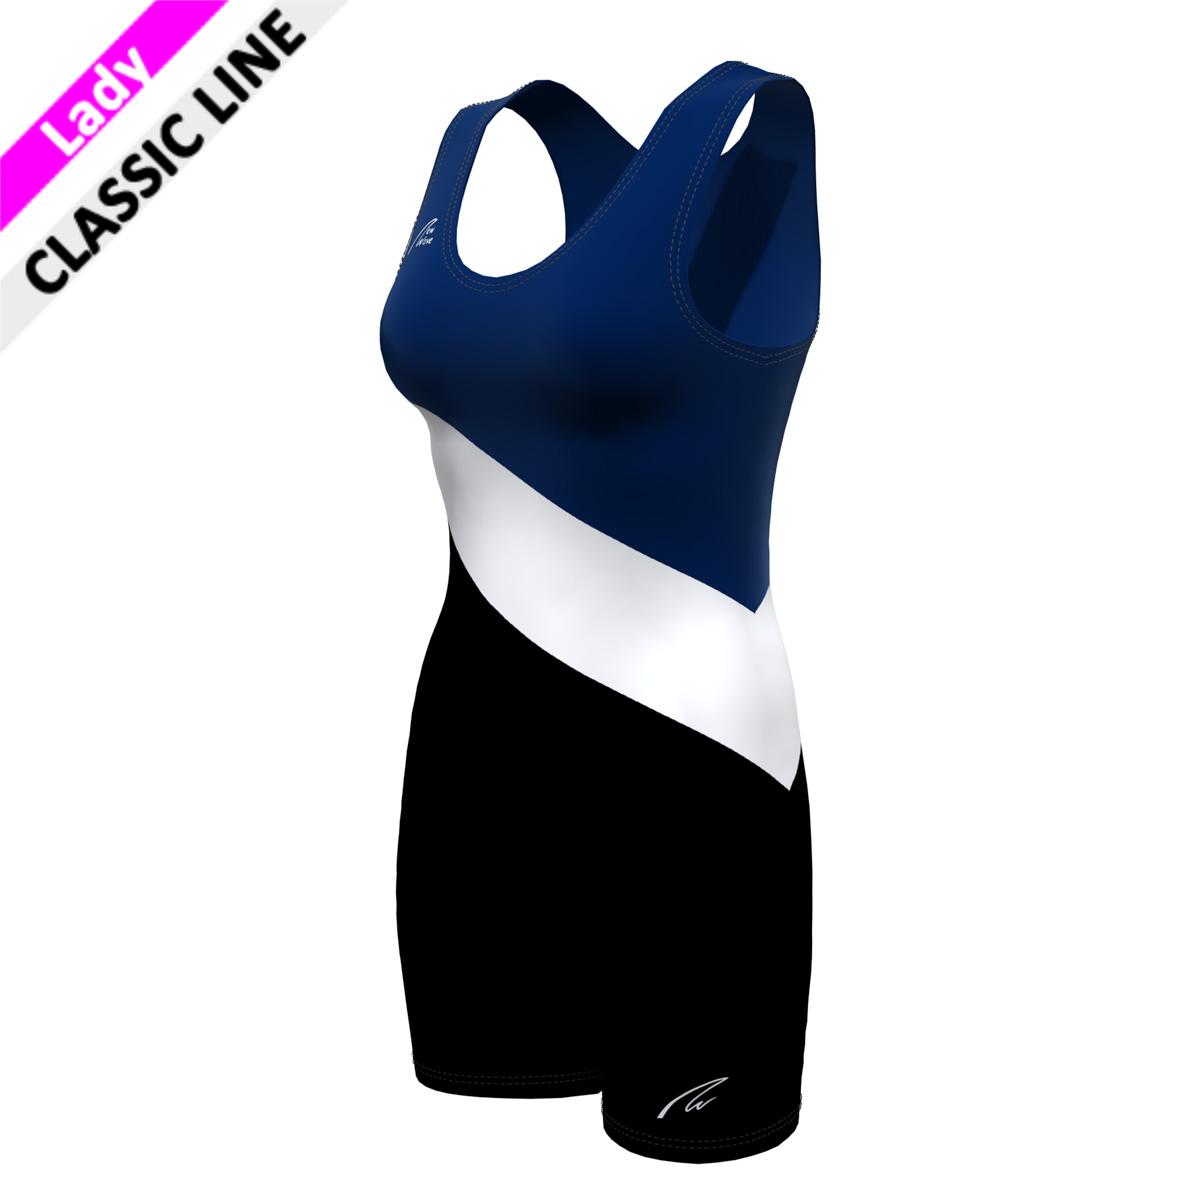 Vichy Suit - F; Hose schwarz, Querstreifen weiß, Oberkörper marine blau